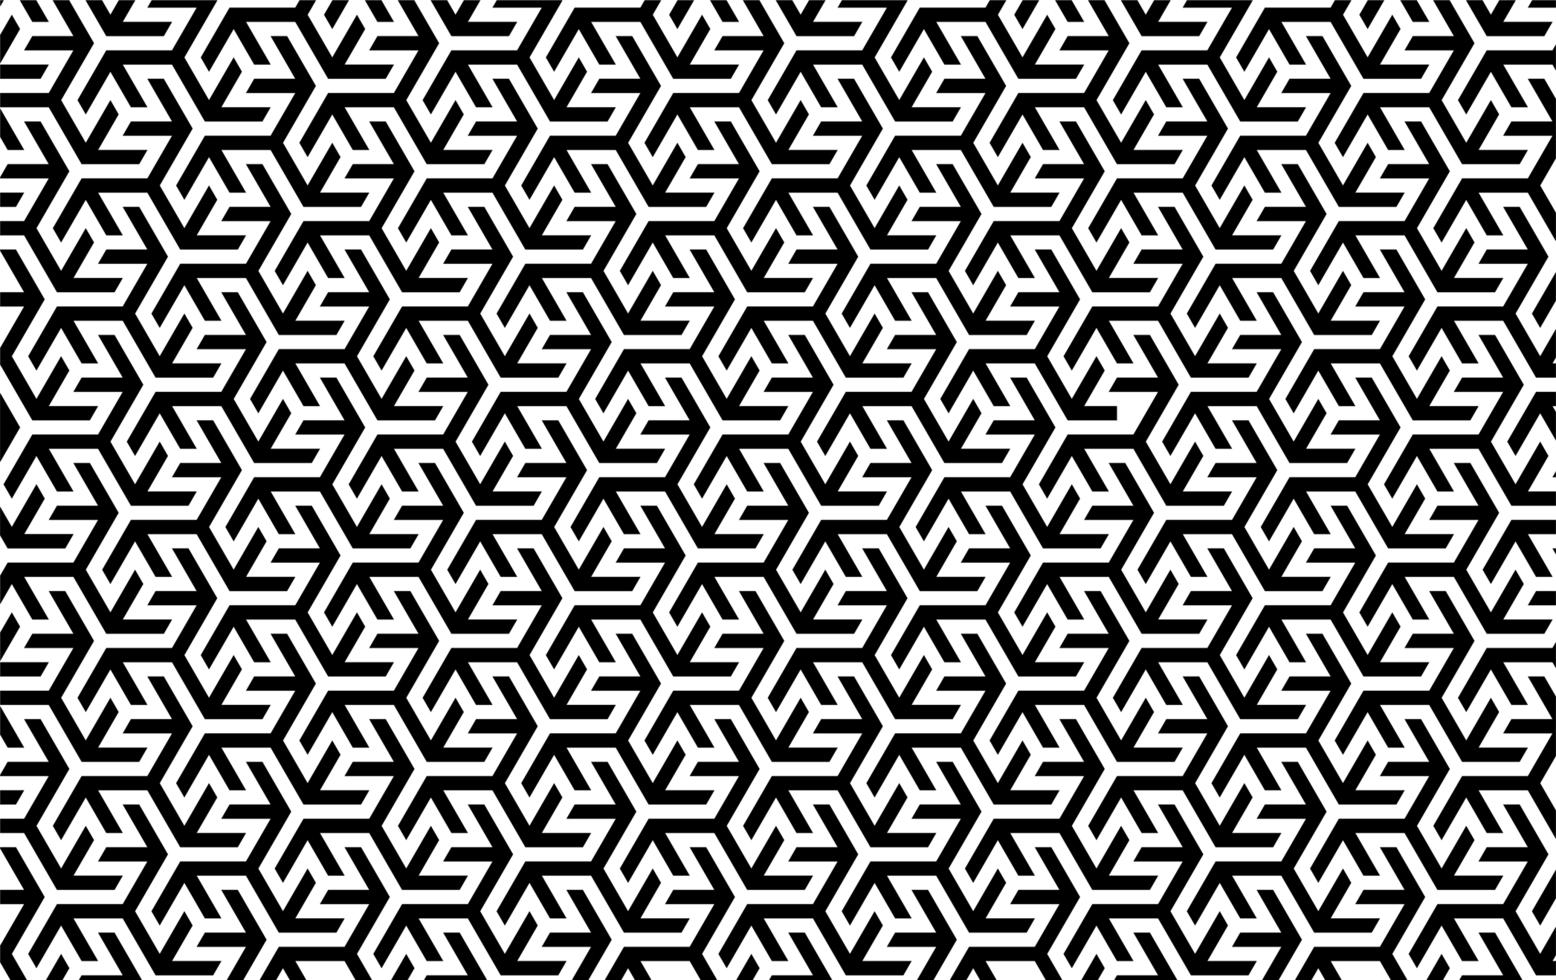 patrón geométrico entrelazado blanco y negro vector